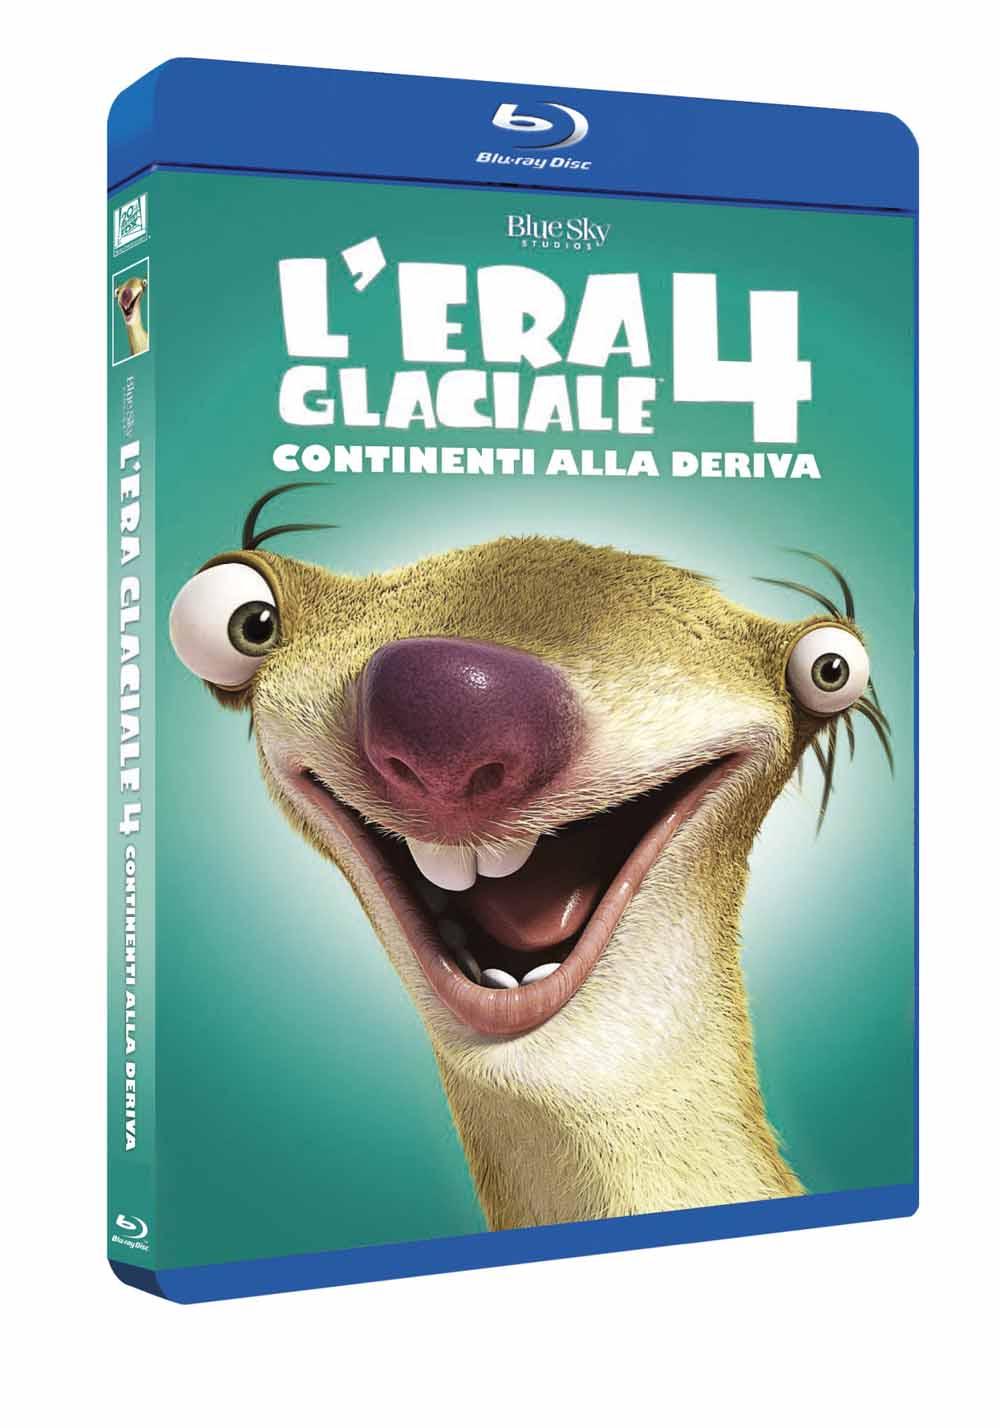 L'ERA GLACIALE 4 - CONTINENTI ALLA DERIVA (BLU RAY)